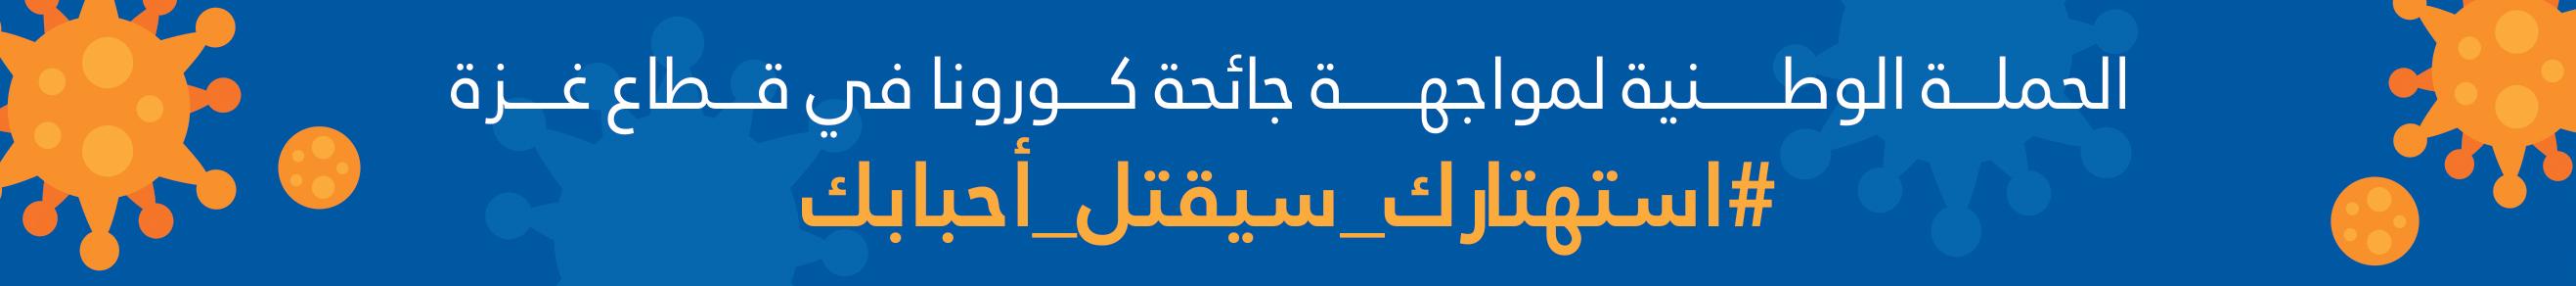 الحملة الوطنية لمواجهة جائحة كورونا في قطاع غزة